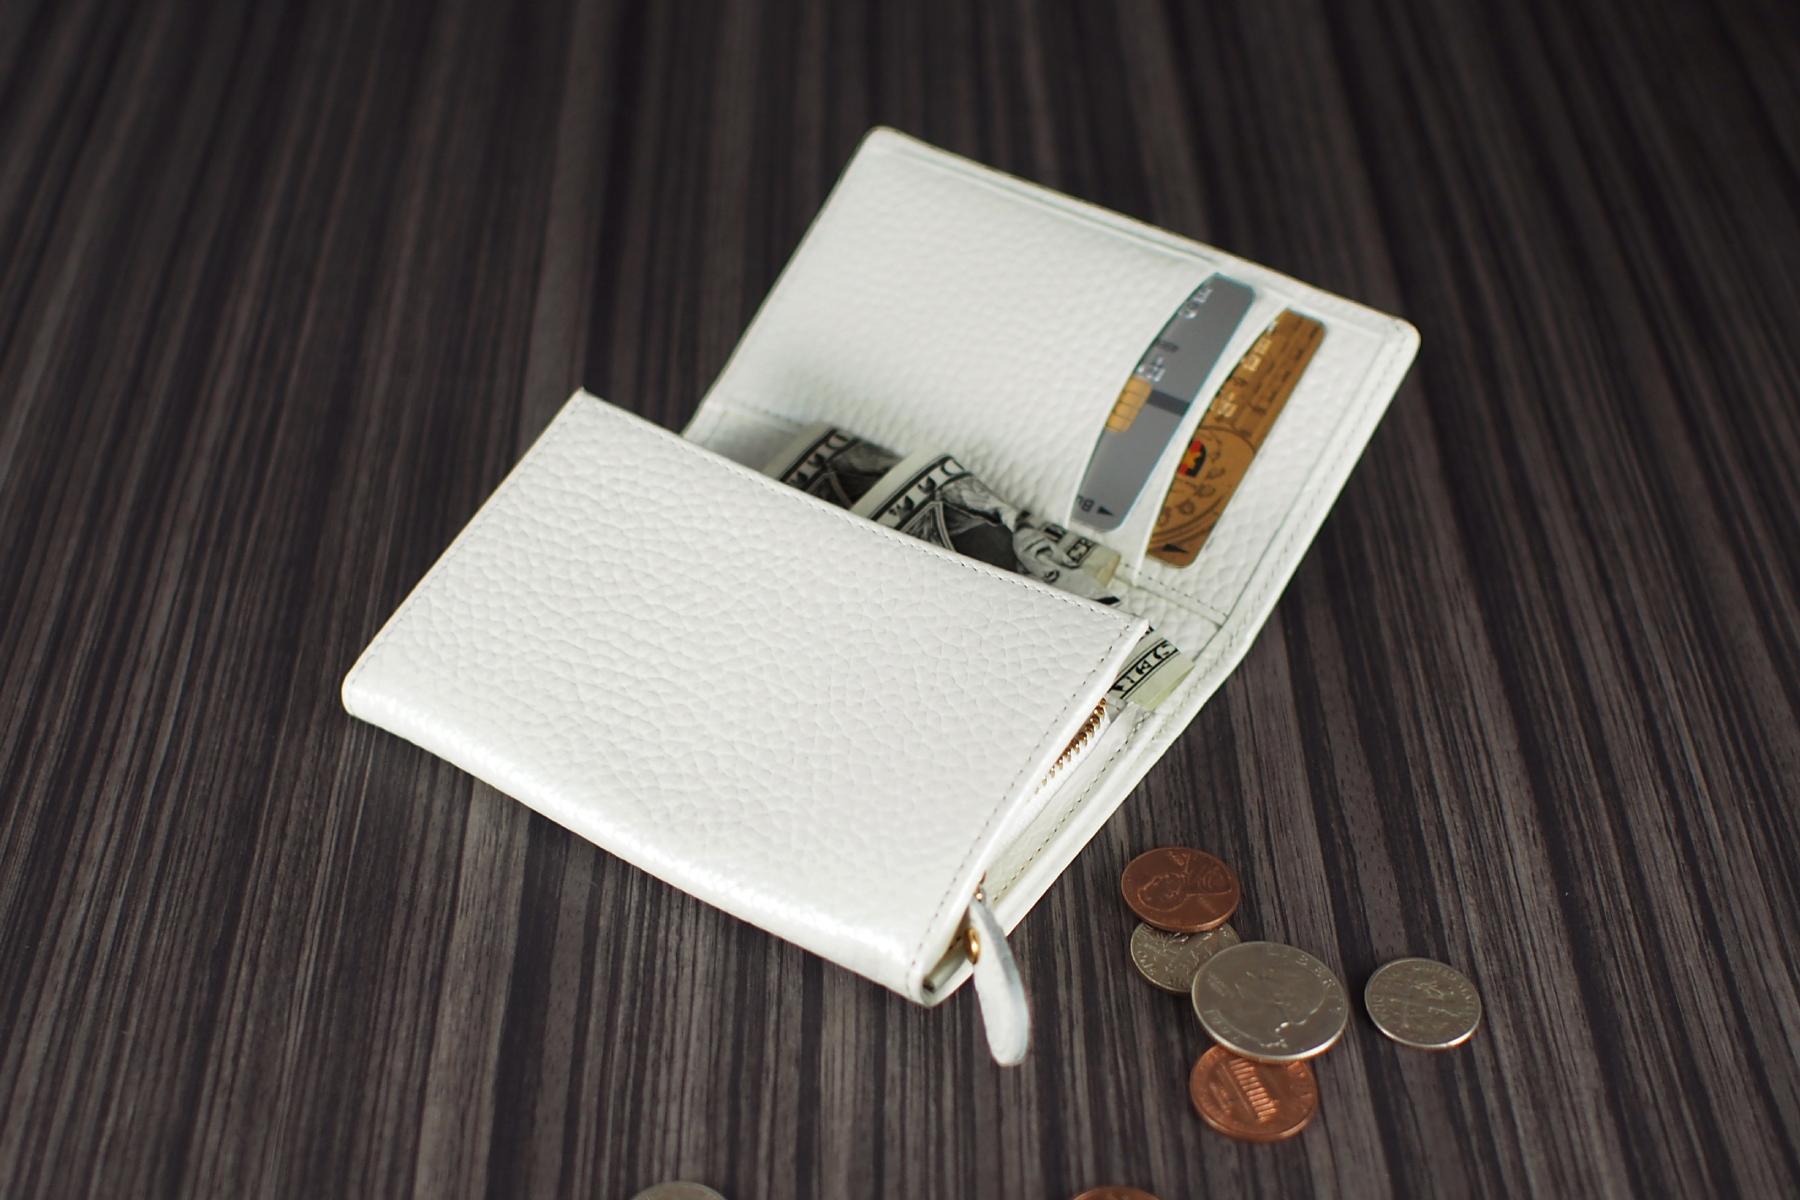 本革ミニ財布を使用したイメージ